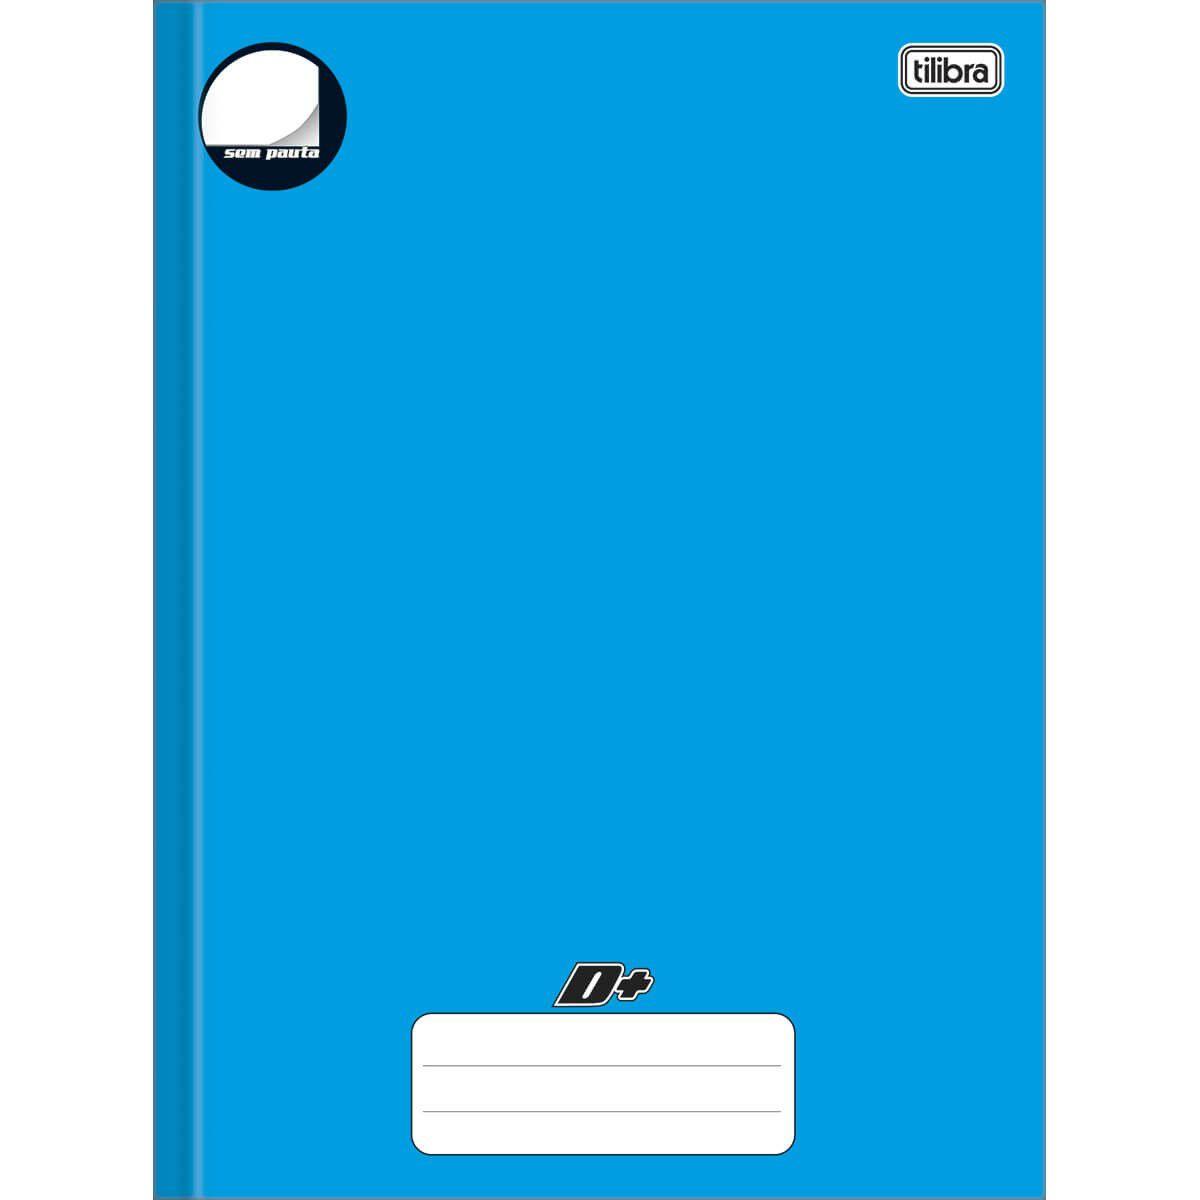 Caderno Tilibra Mais Capa Dura Costurado Universitário 96 Fls Azul Sem Pauta 05071